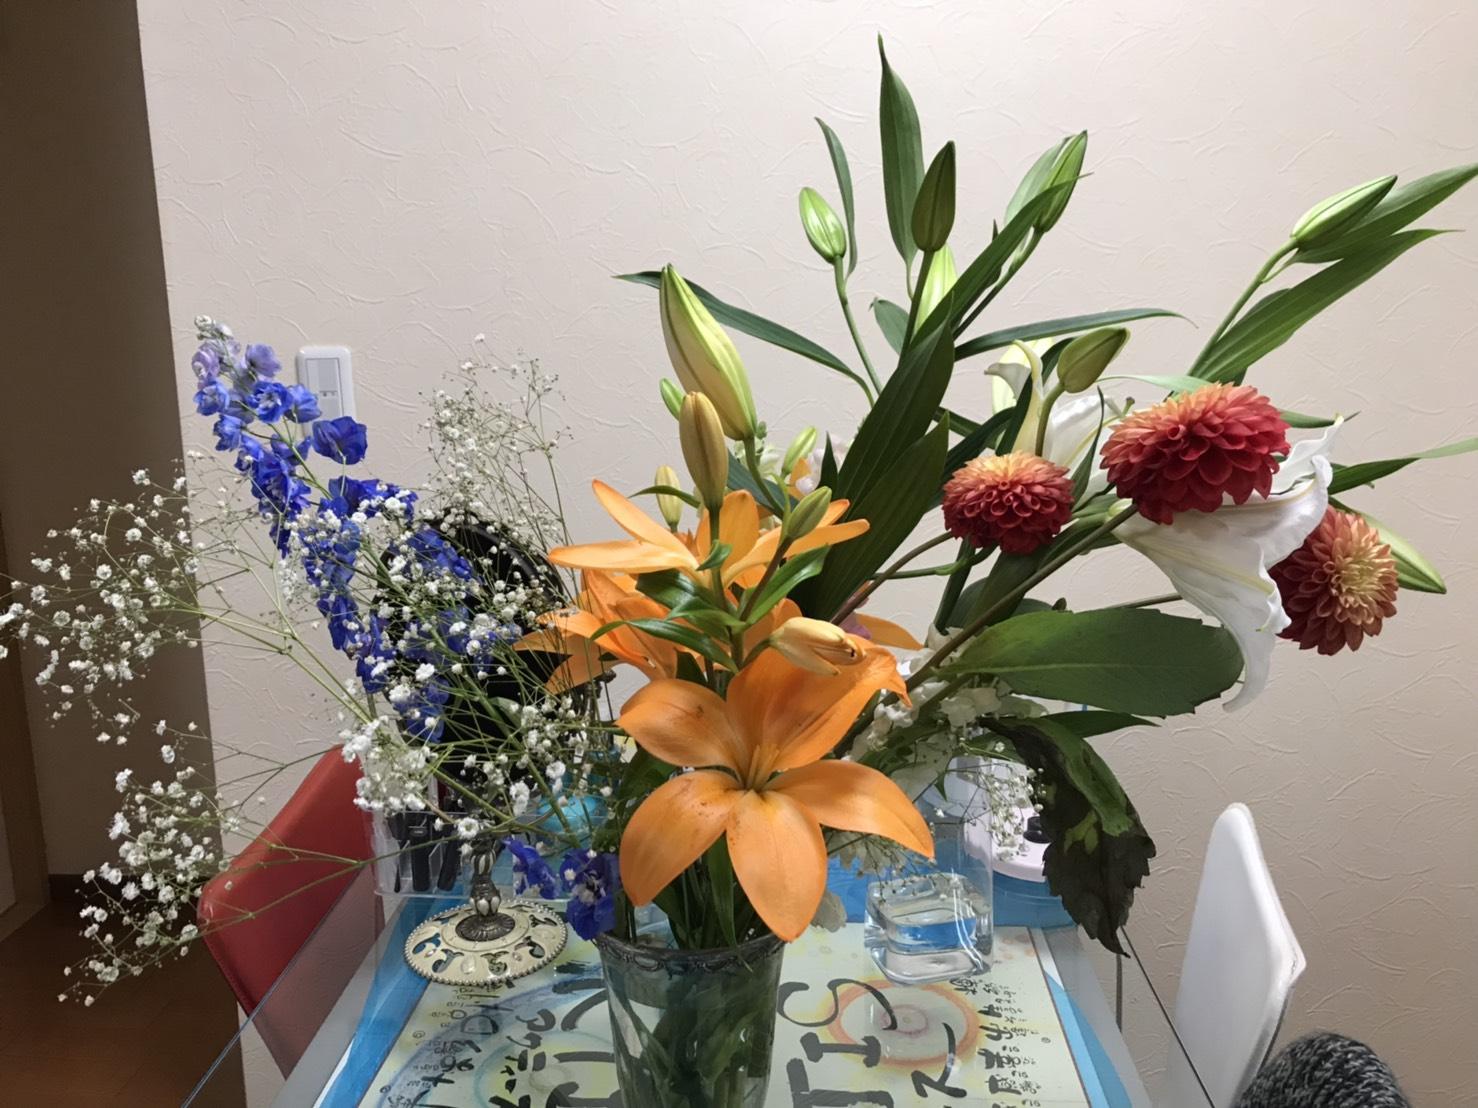 素敵な感想と綺麗なお花を頂戴しました(シン・セシア)